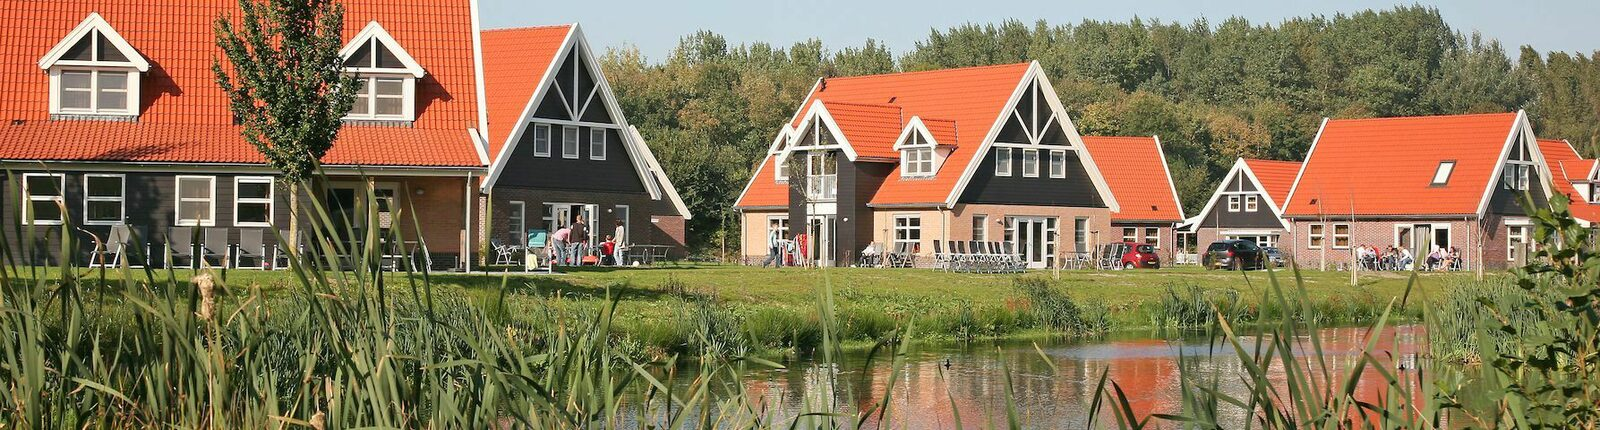 Luxe villa's bij Waterparc Veluwermeer